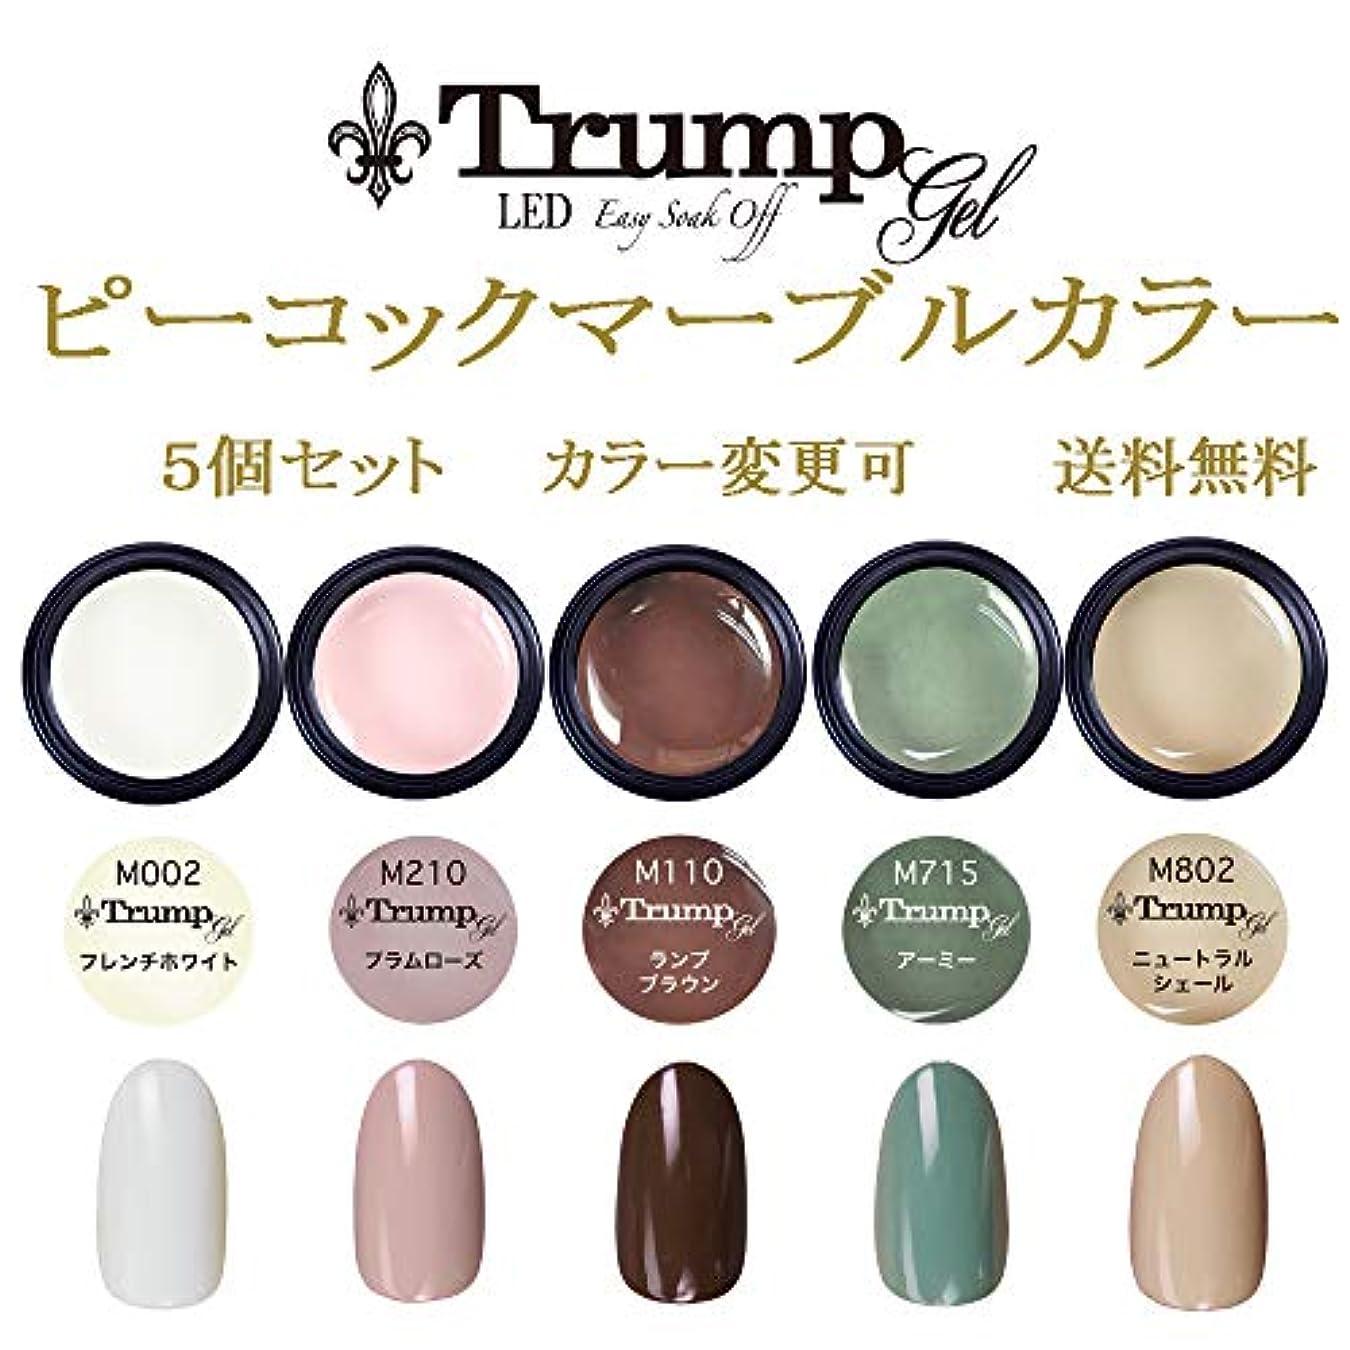 スペシャリスト不均一呼び出す【送料無料】日本製 Trump gel トランプジェル ピーコックマーブル カラージェル 5個セット 魅惑のフロストマットトップとマットに合う人気カラーをチョイス